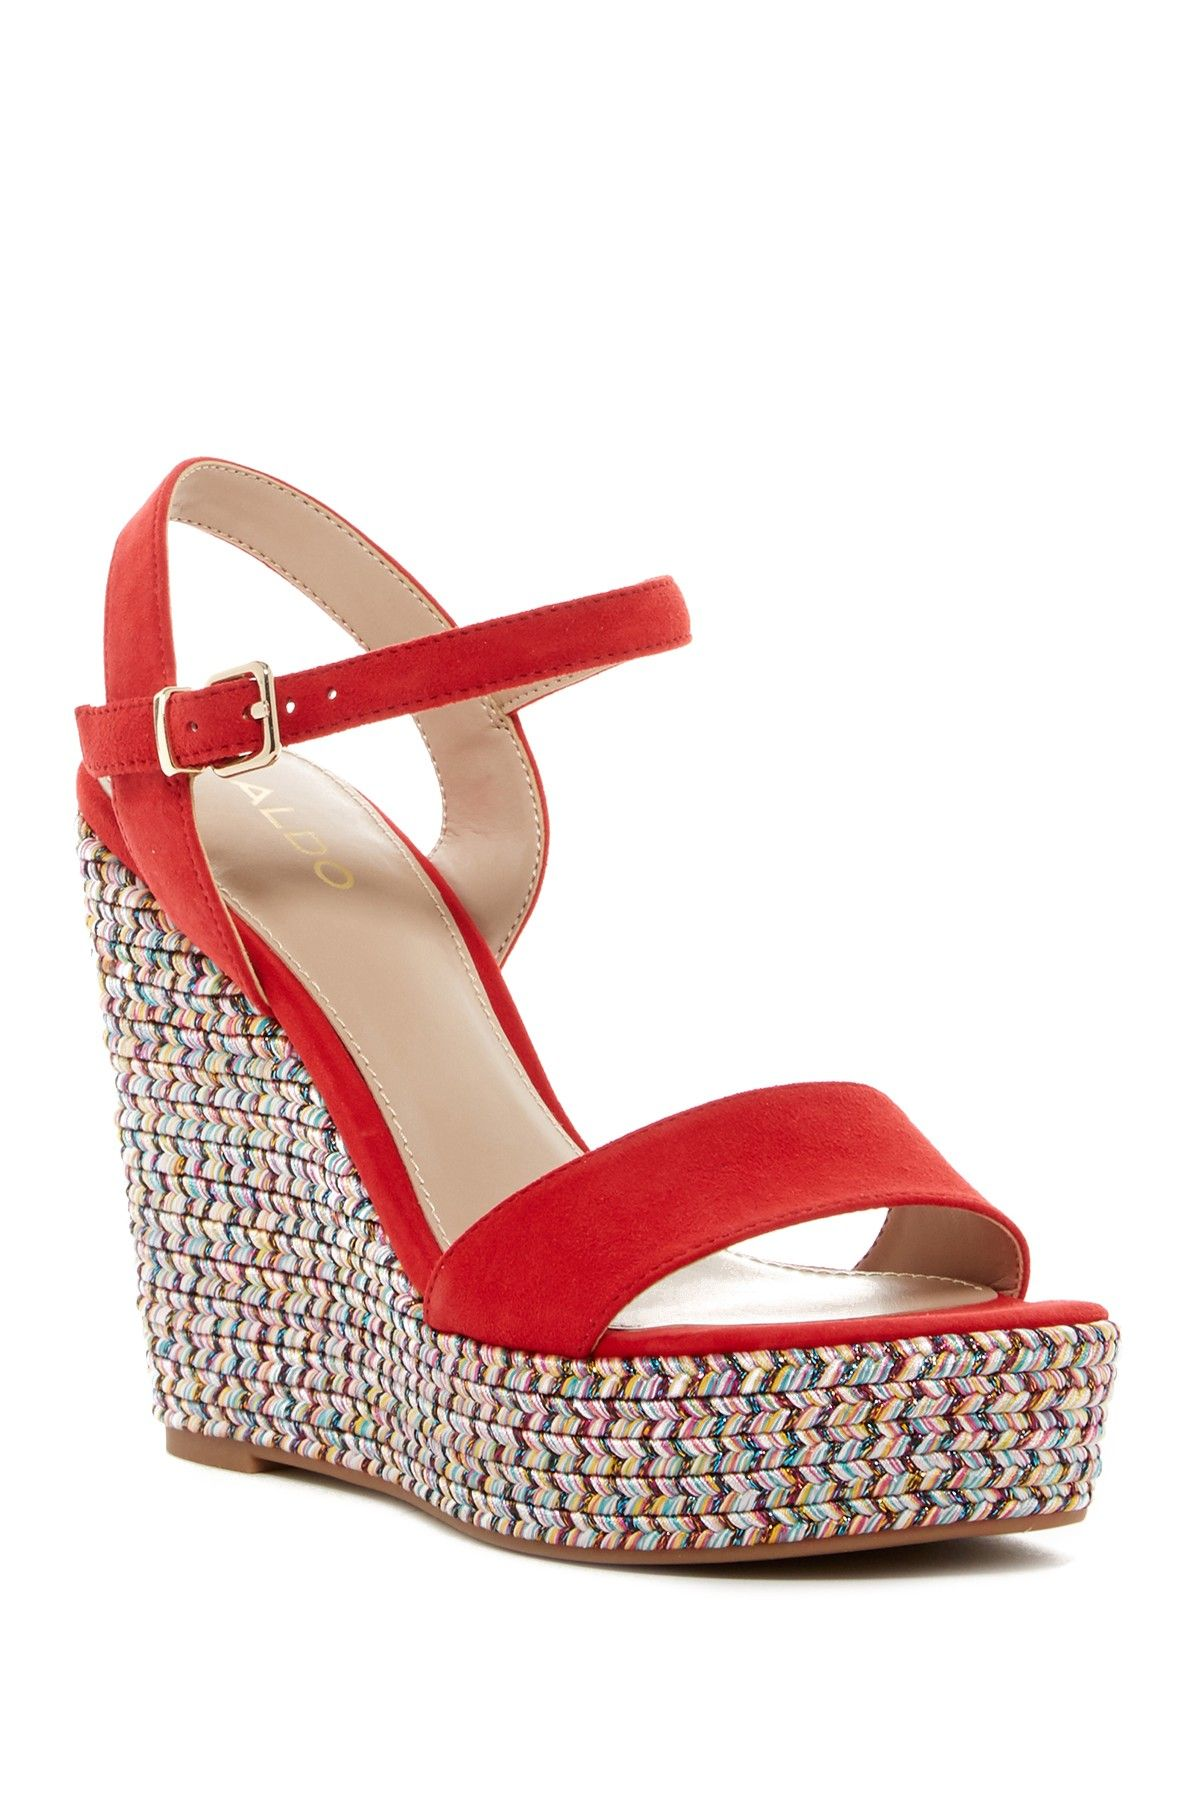 1fe81b1d738 Lovalewet Platform Wedge Sandal Platform Wedge Sandals